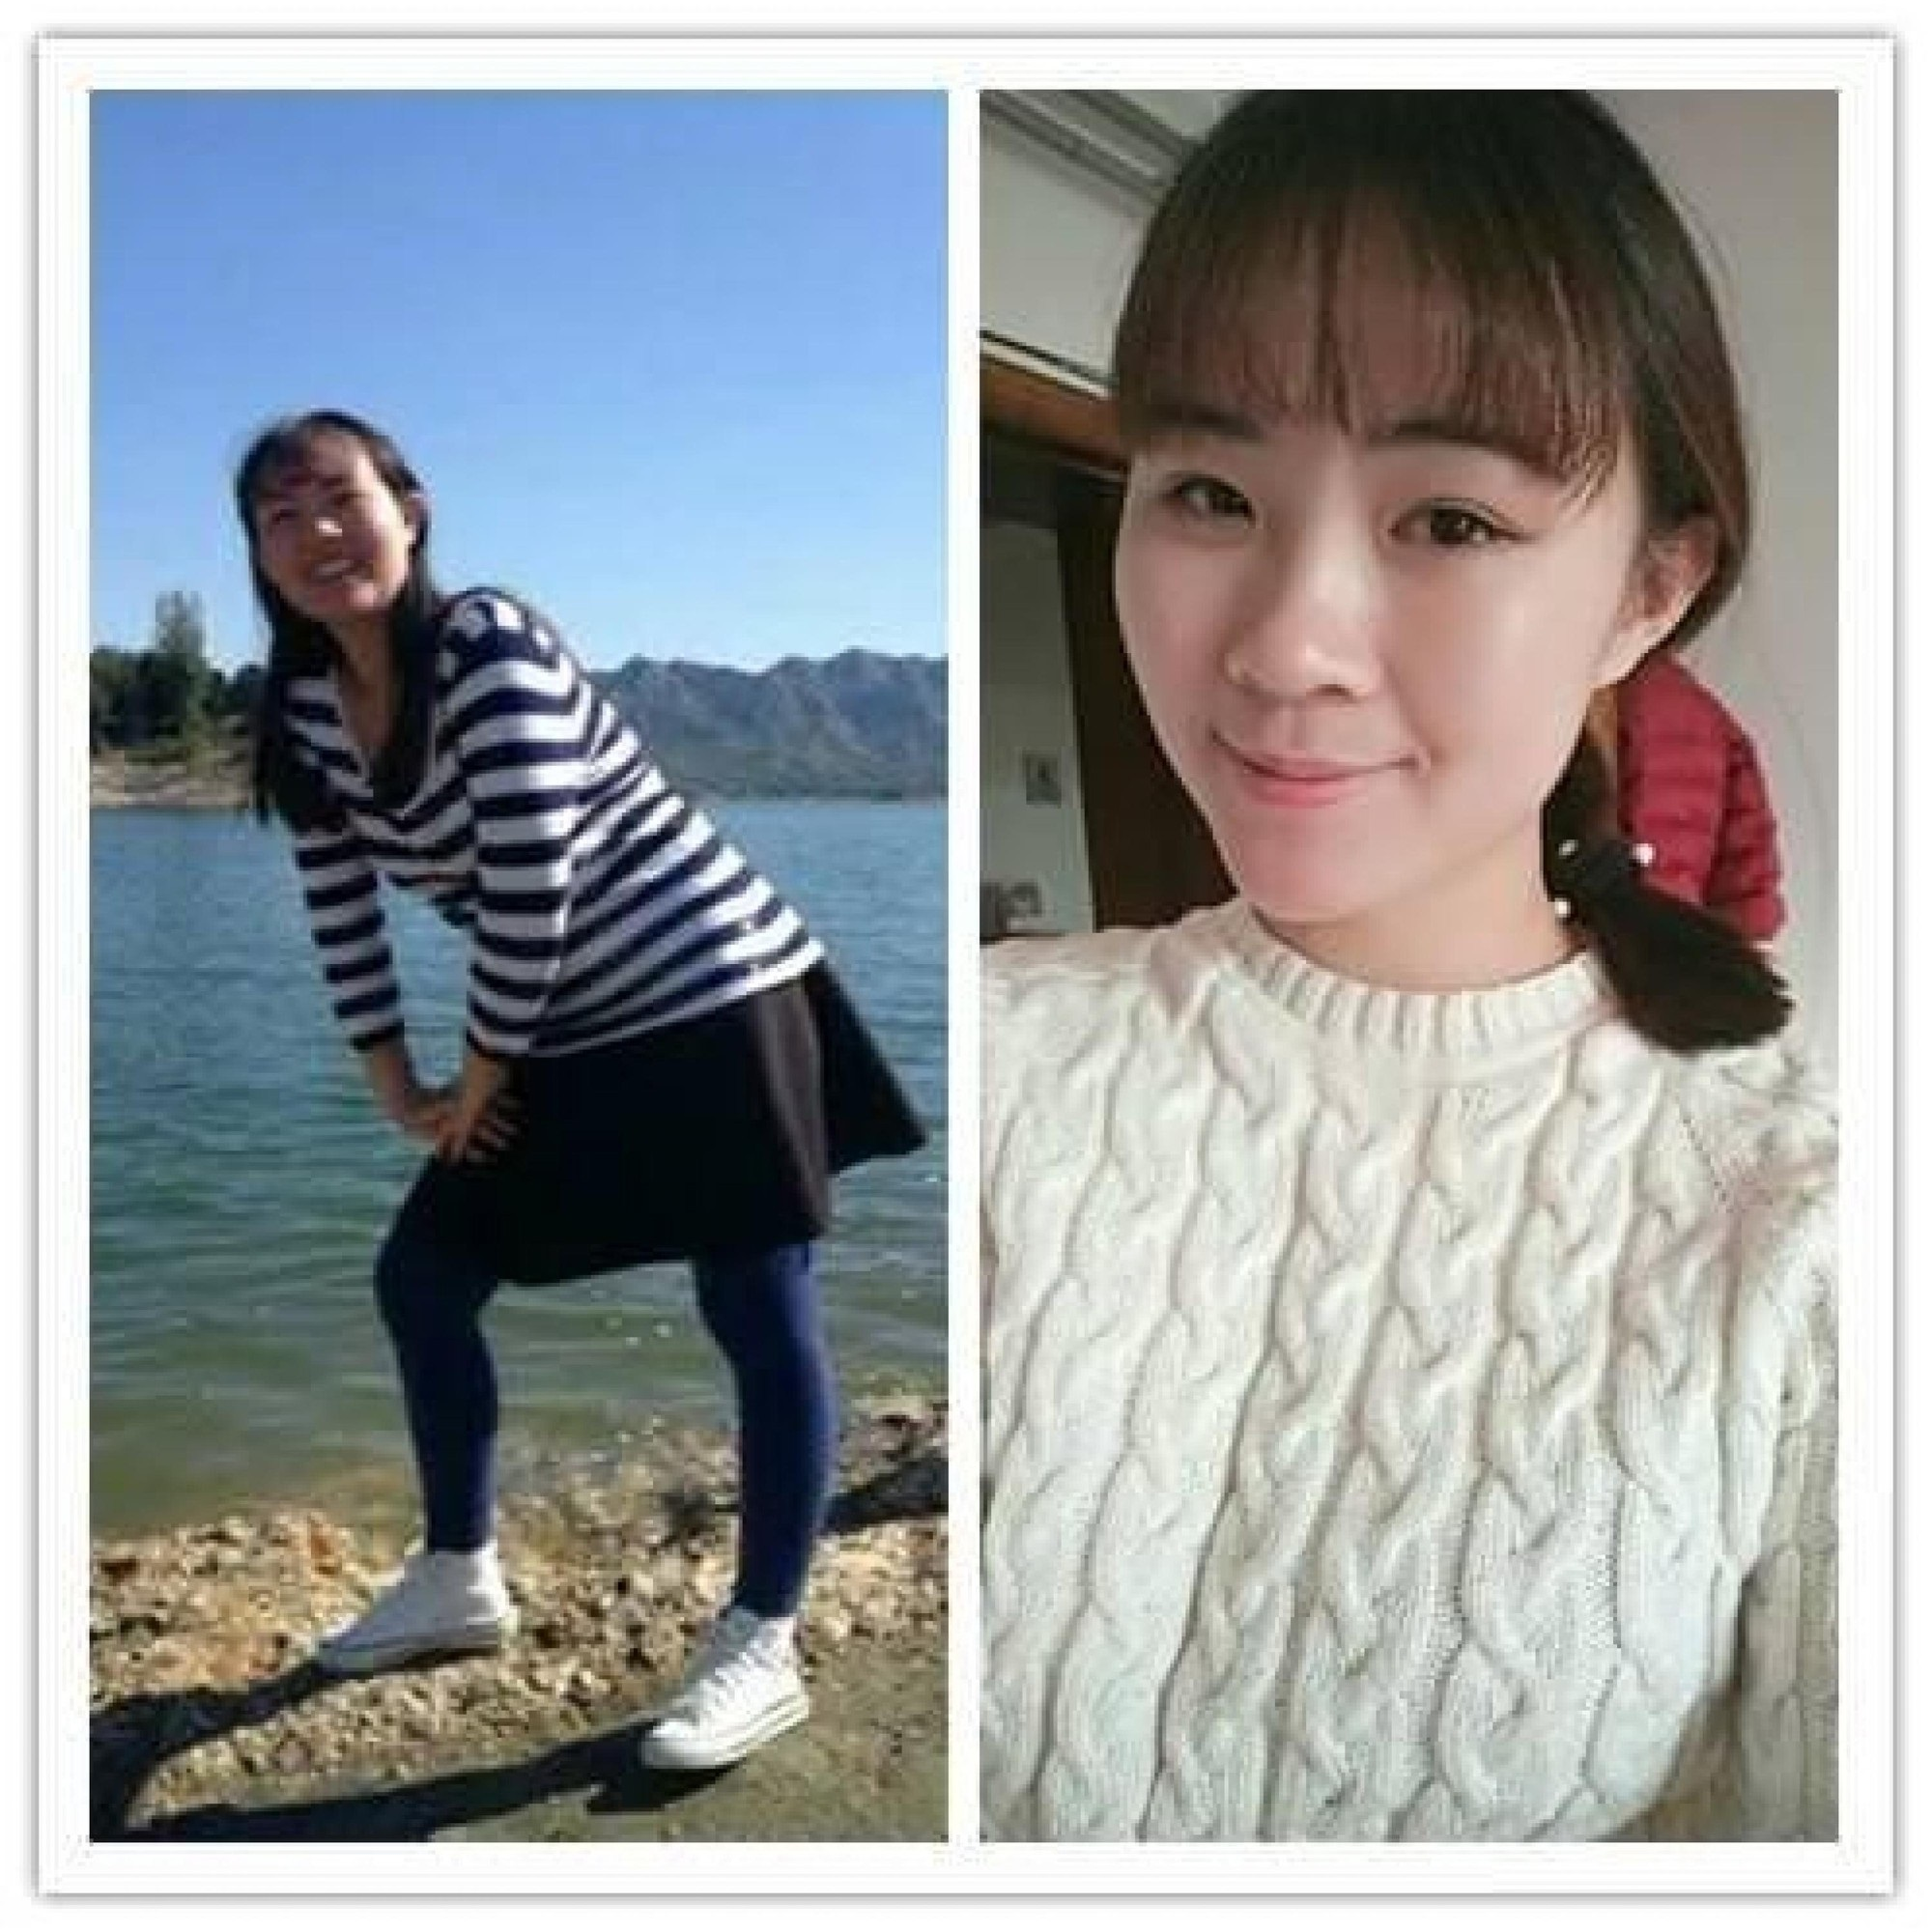 Cô gái người Trung Quốc từng nặng 61kg đã đánh bay 13kg dư thừa nhờ 2 bí quyết mà ai cũng có thể làm được - Ảnh 1